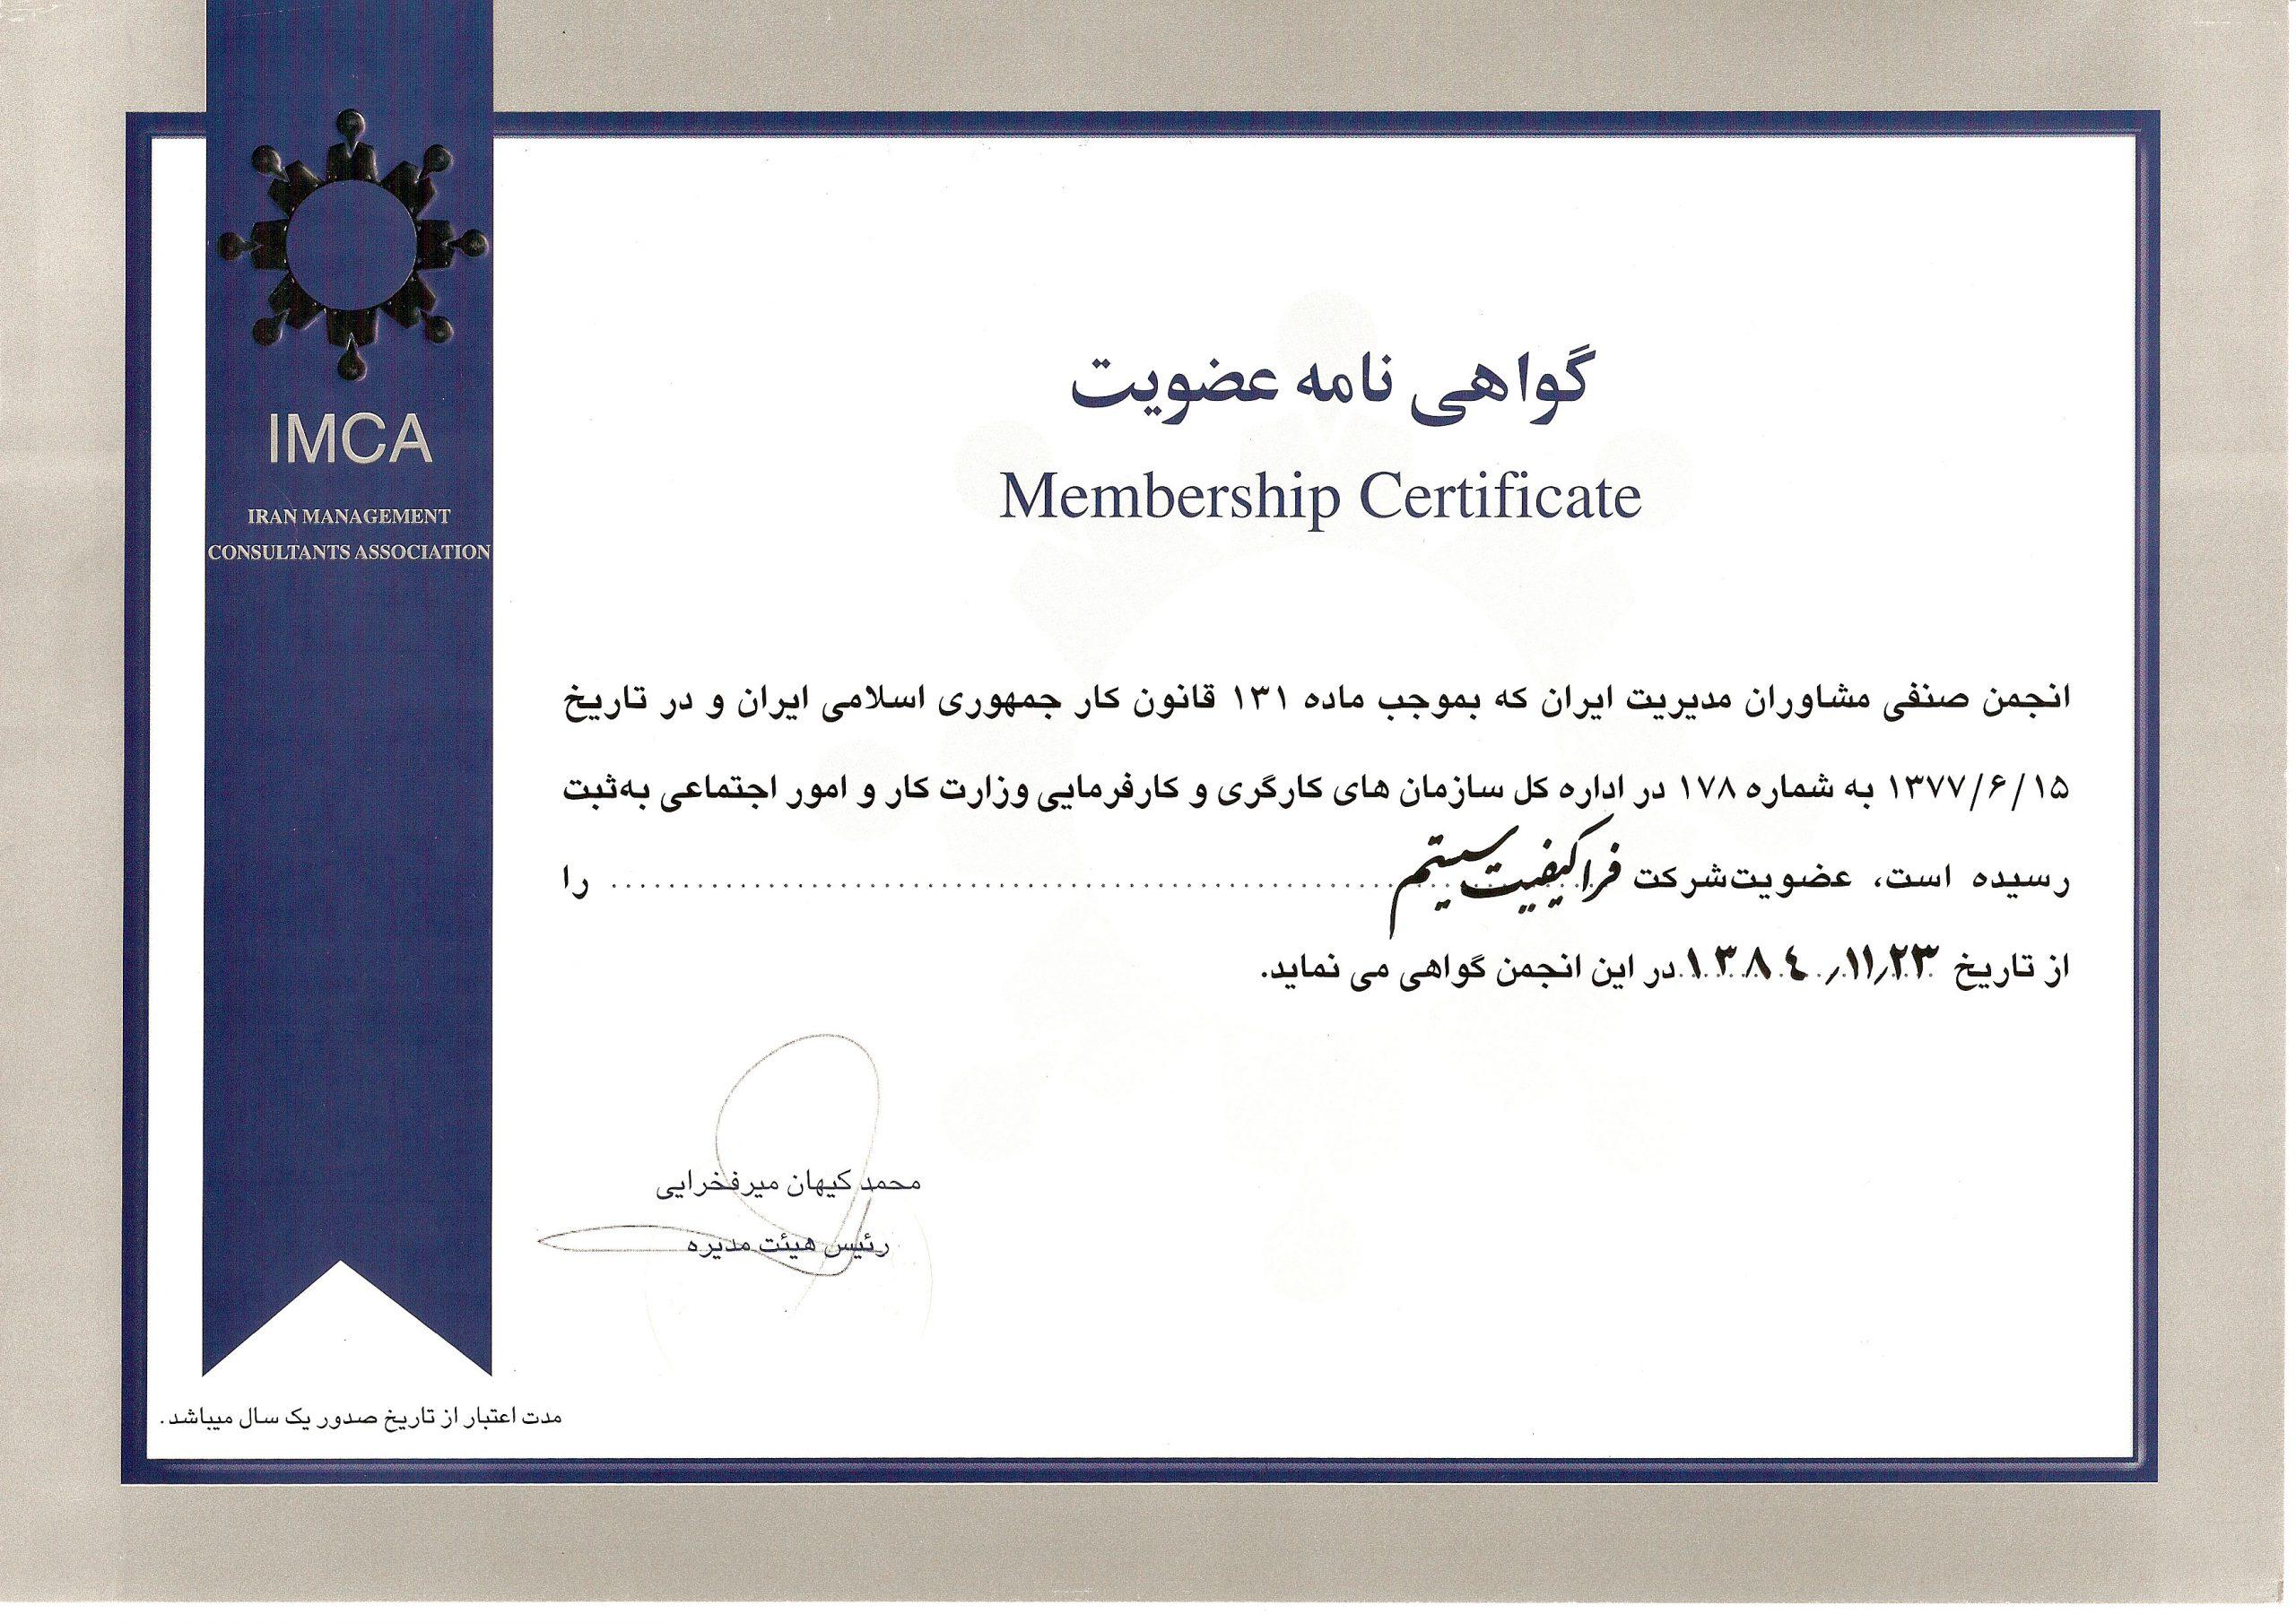 عضویت در انجمن مدیریت